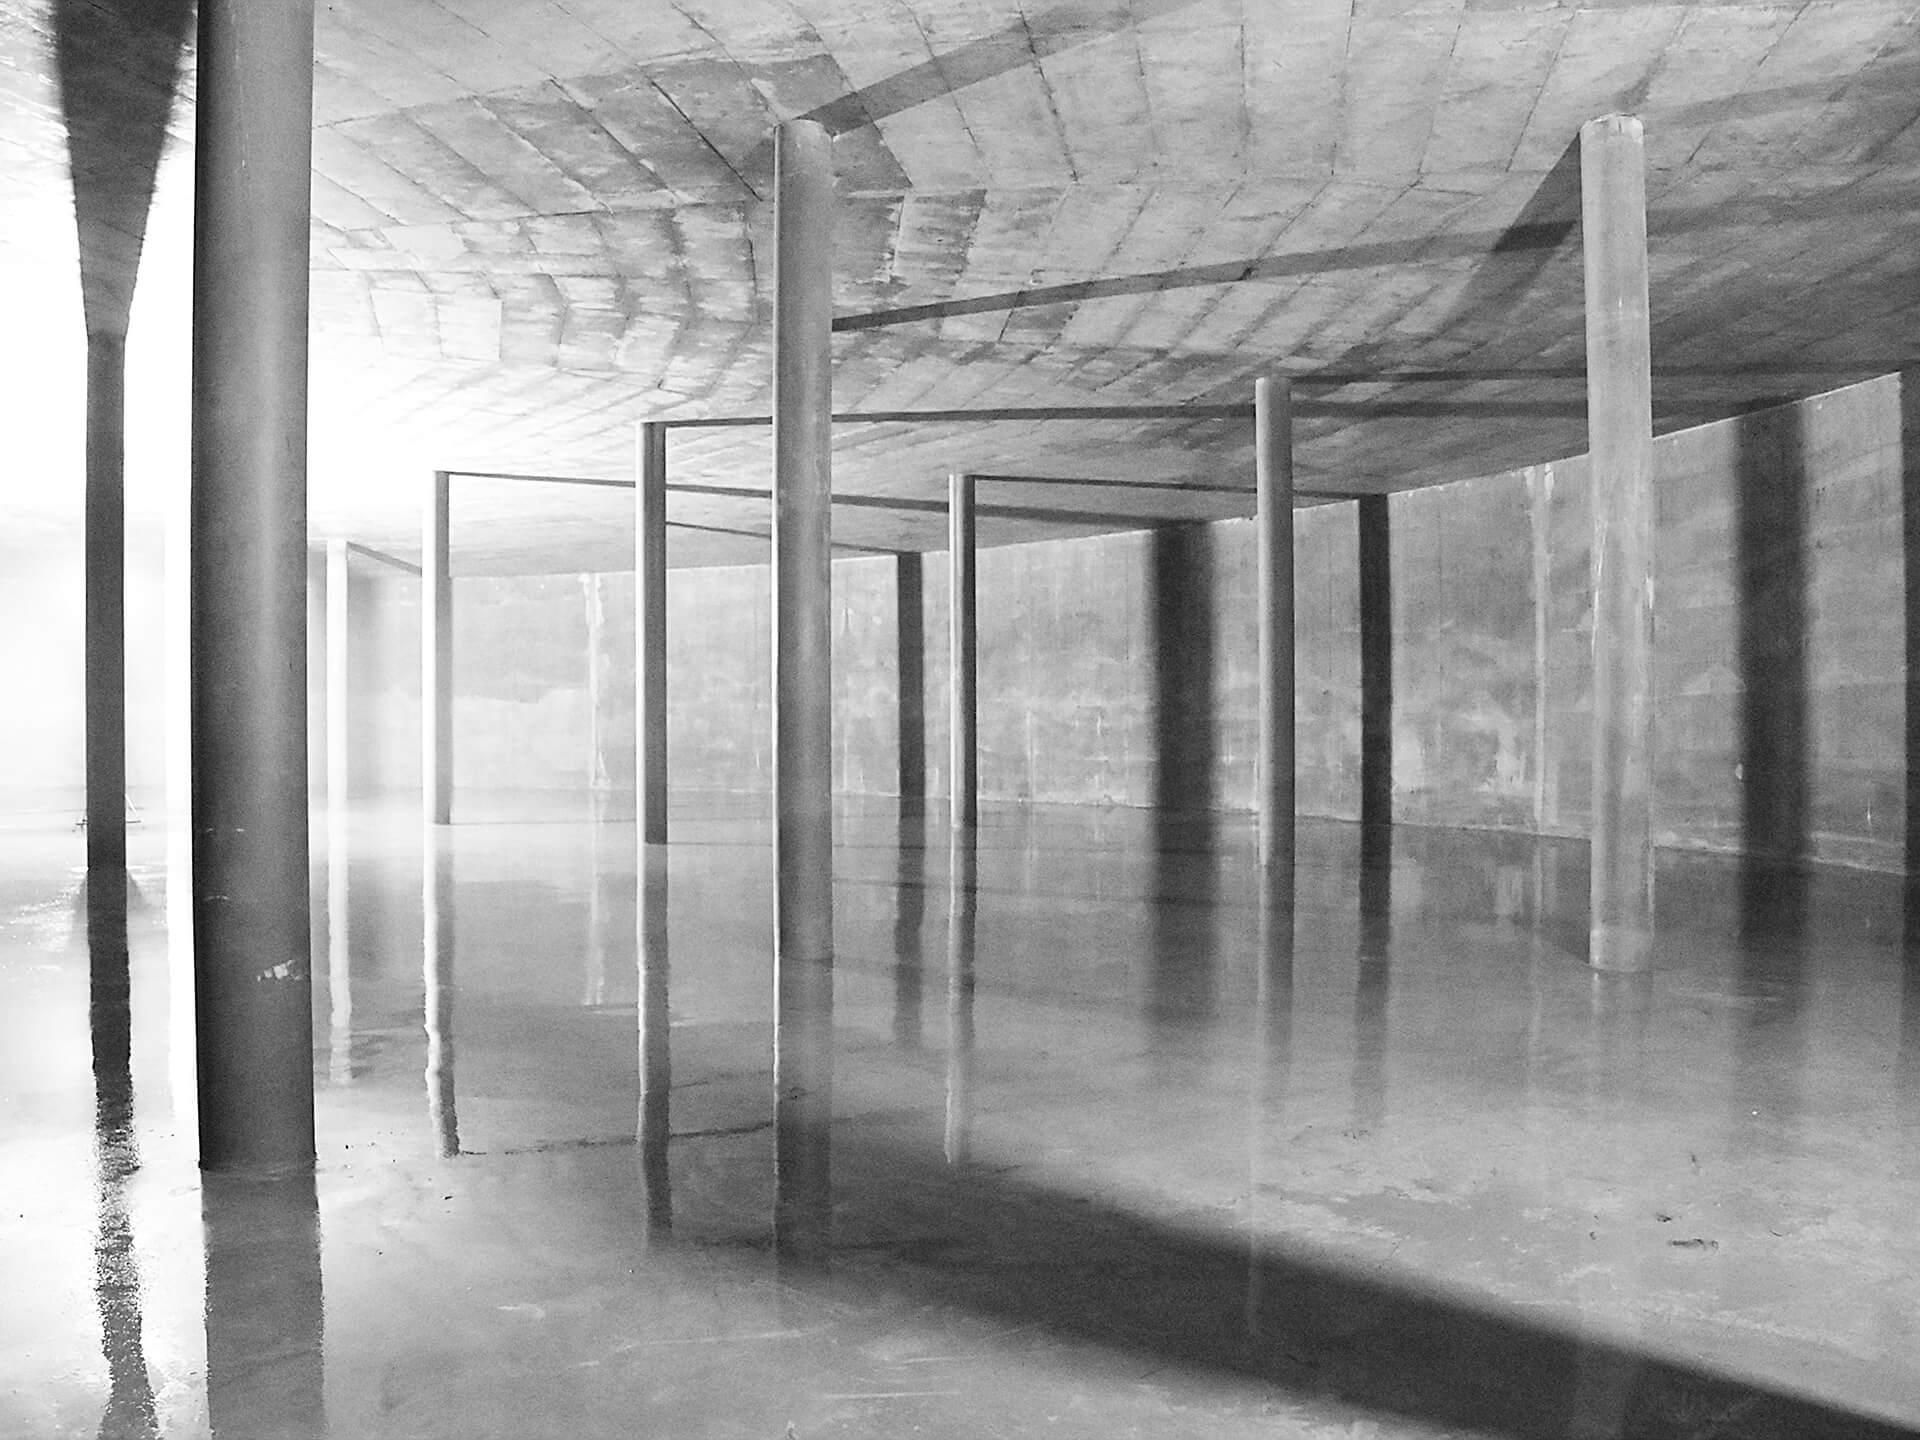 Die Wasserkammer 1 nach der Reinigung und in Vorbereitung auf die Dichtheitsprüfung